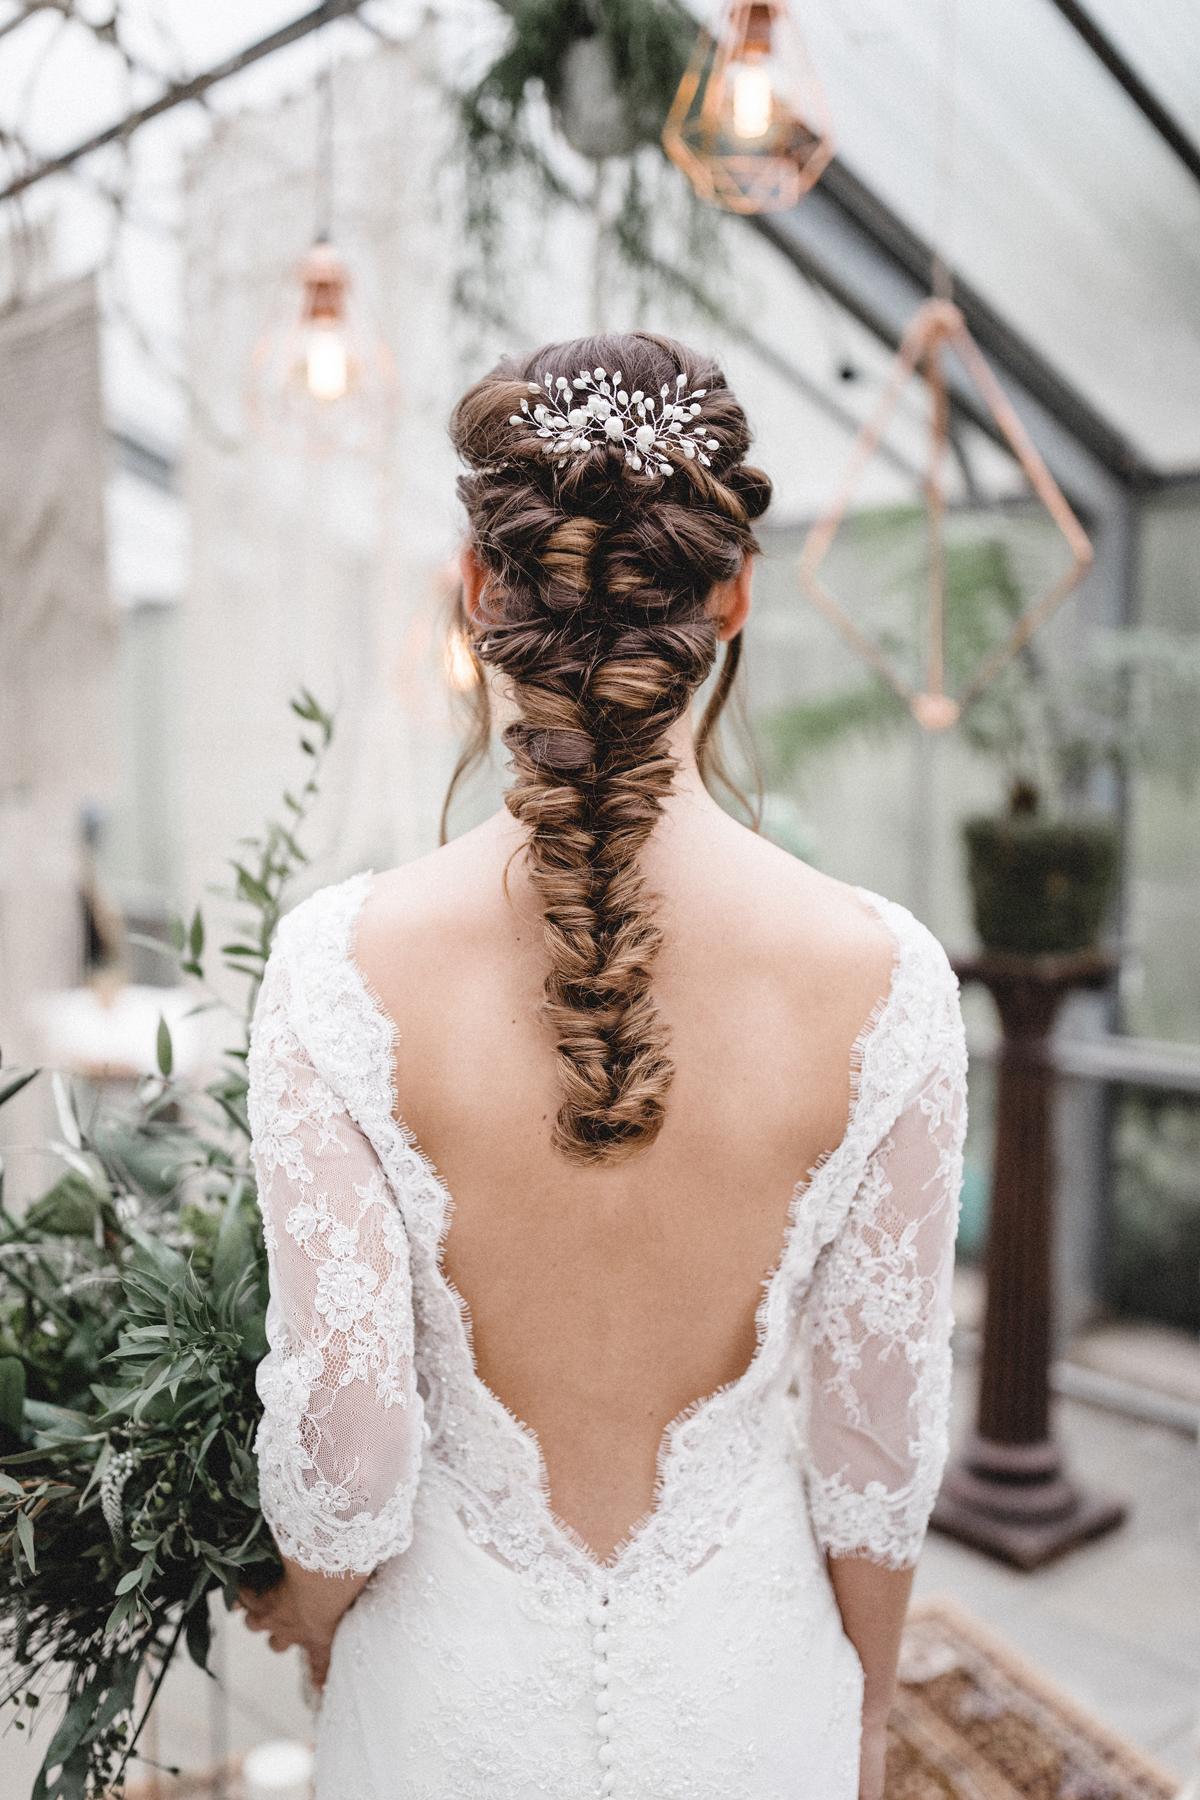 Andreas_Nusch_Hochzeitsfotografie_Brautshooting_2017_JA-Hochzeitsshop_0116